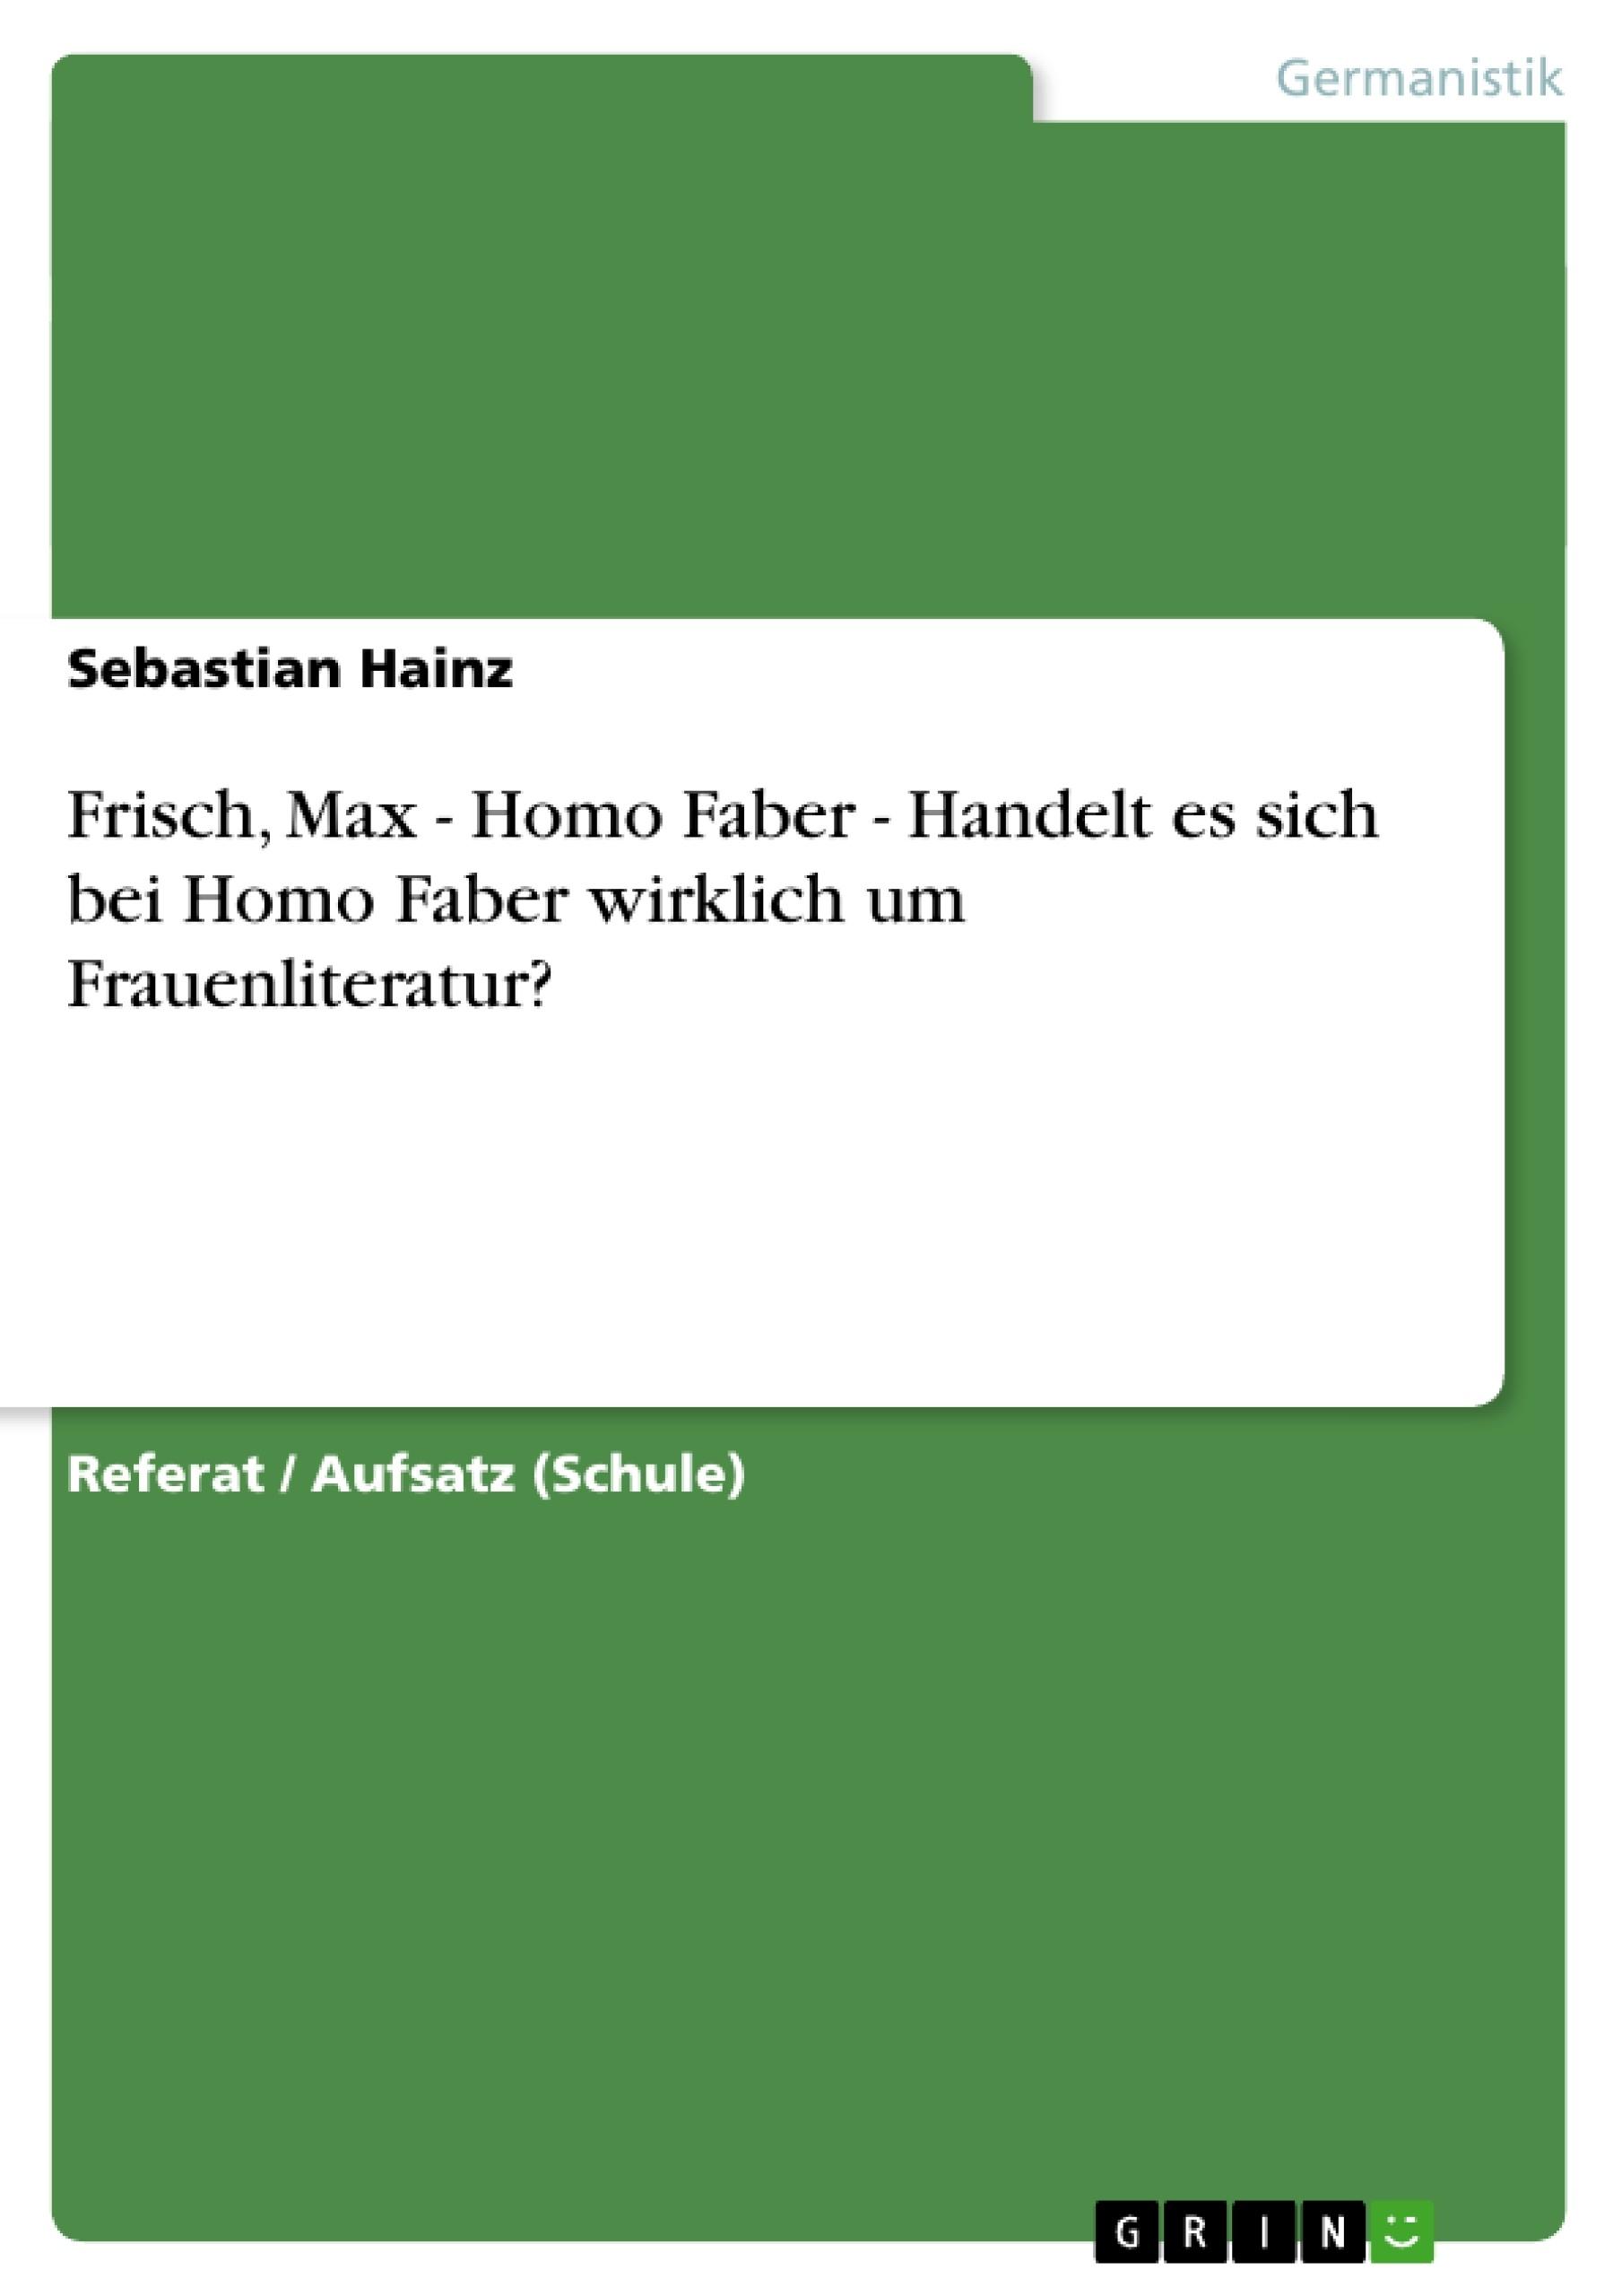 Titel: Frisch, Max - Homo Faber - Handelt es sich bei Homo Faber wirklich um Frauenliteratur?